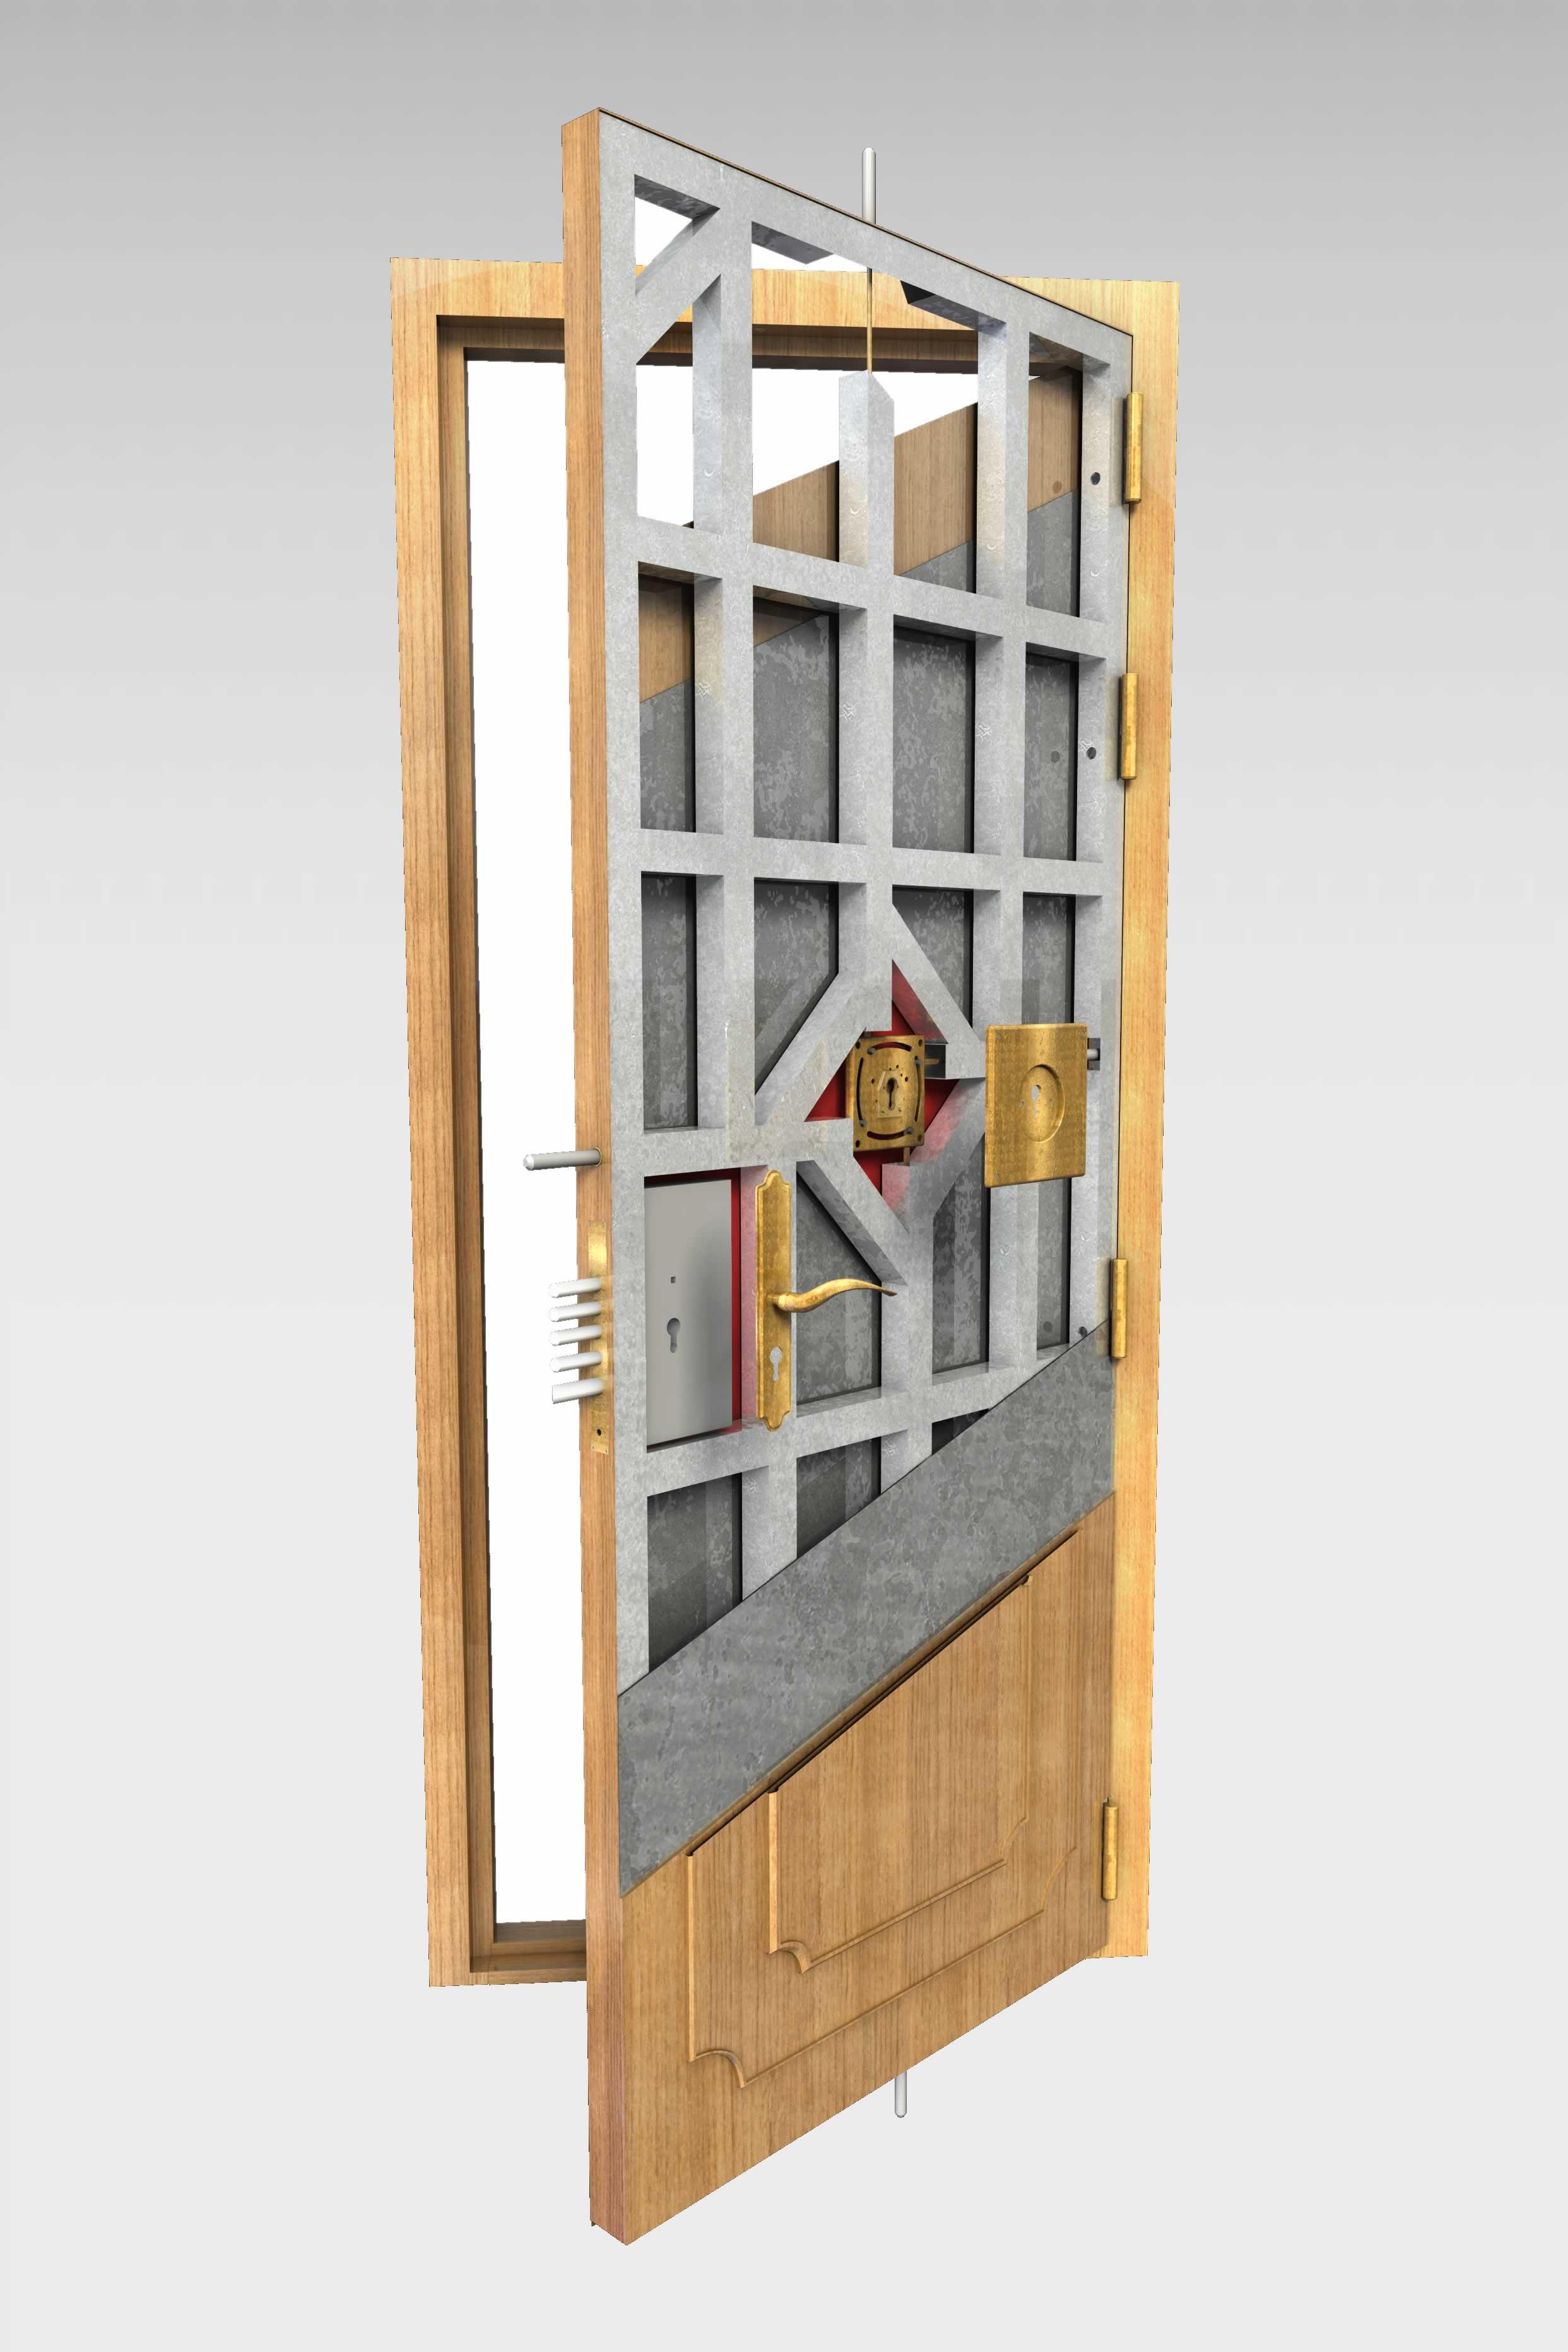 Puerta acorazada olimpo serie hogar roconsa - Precio puerta seguridad ...